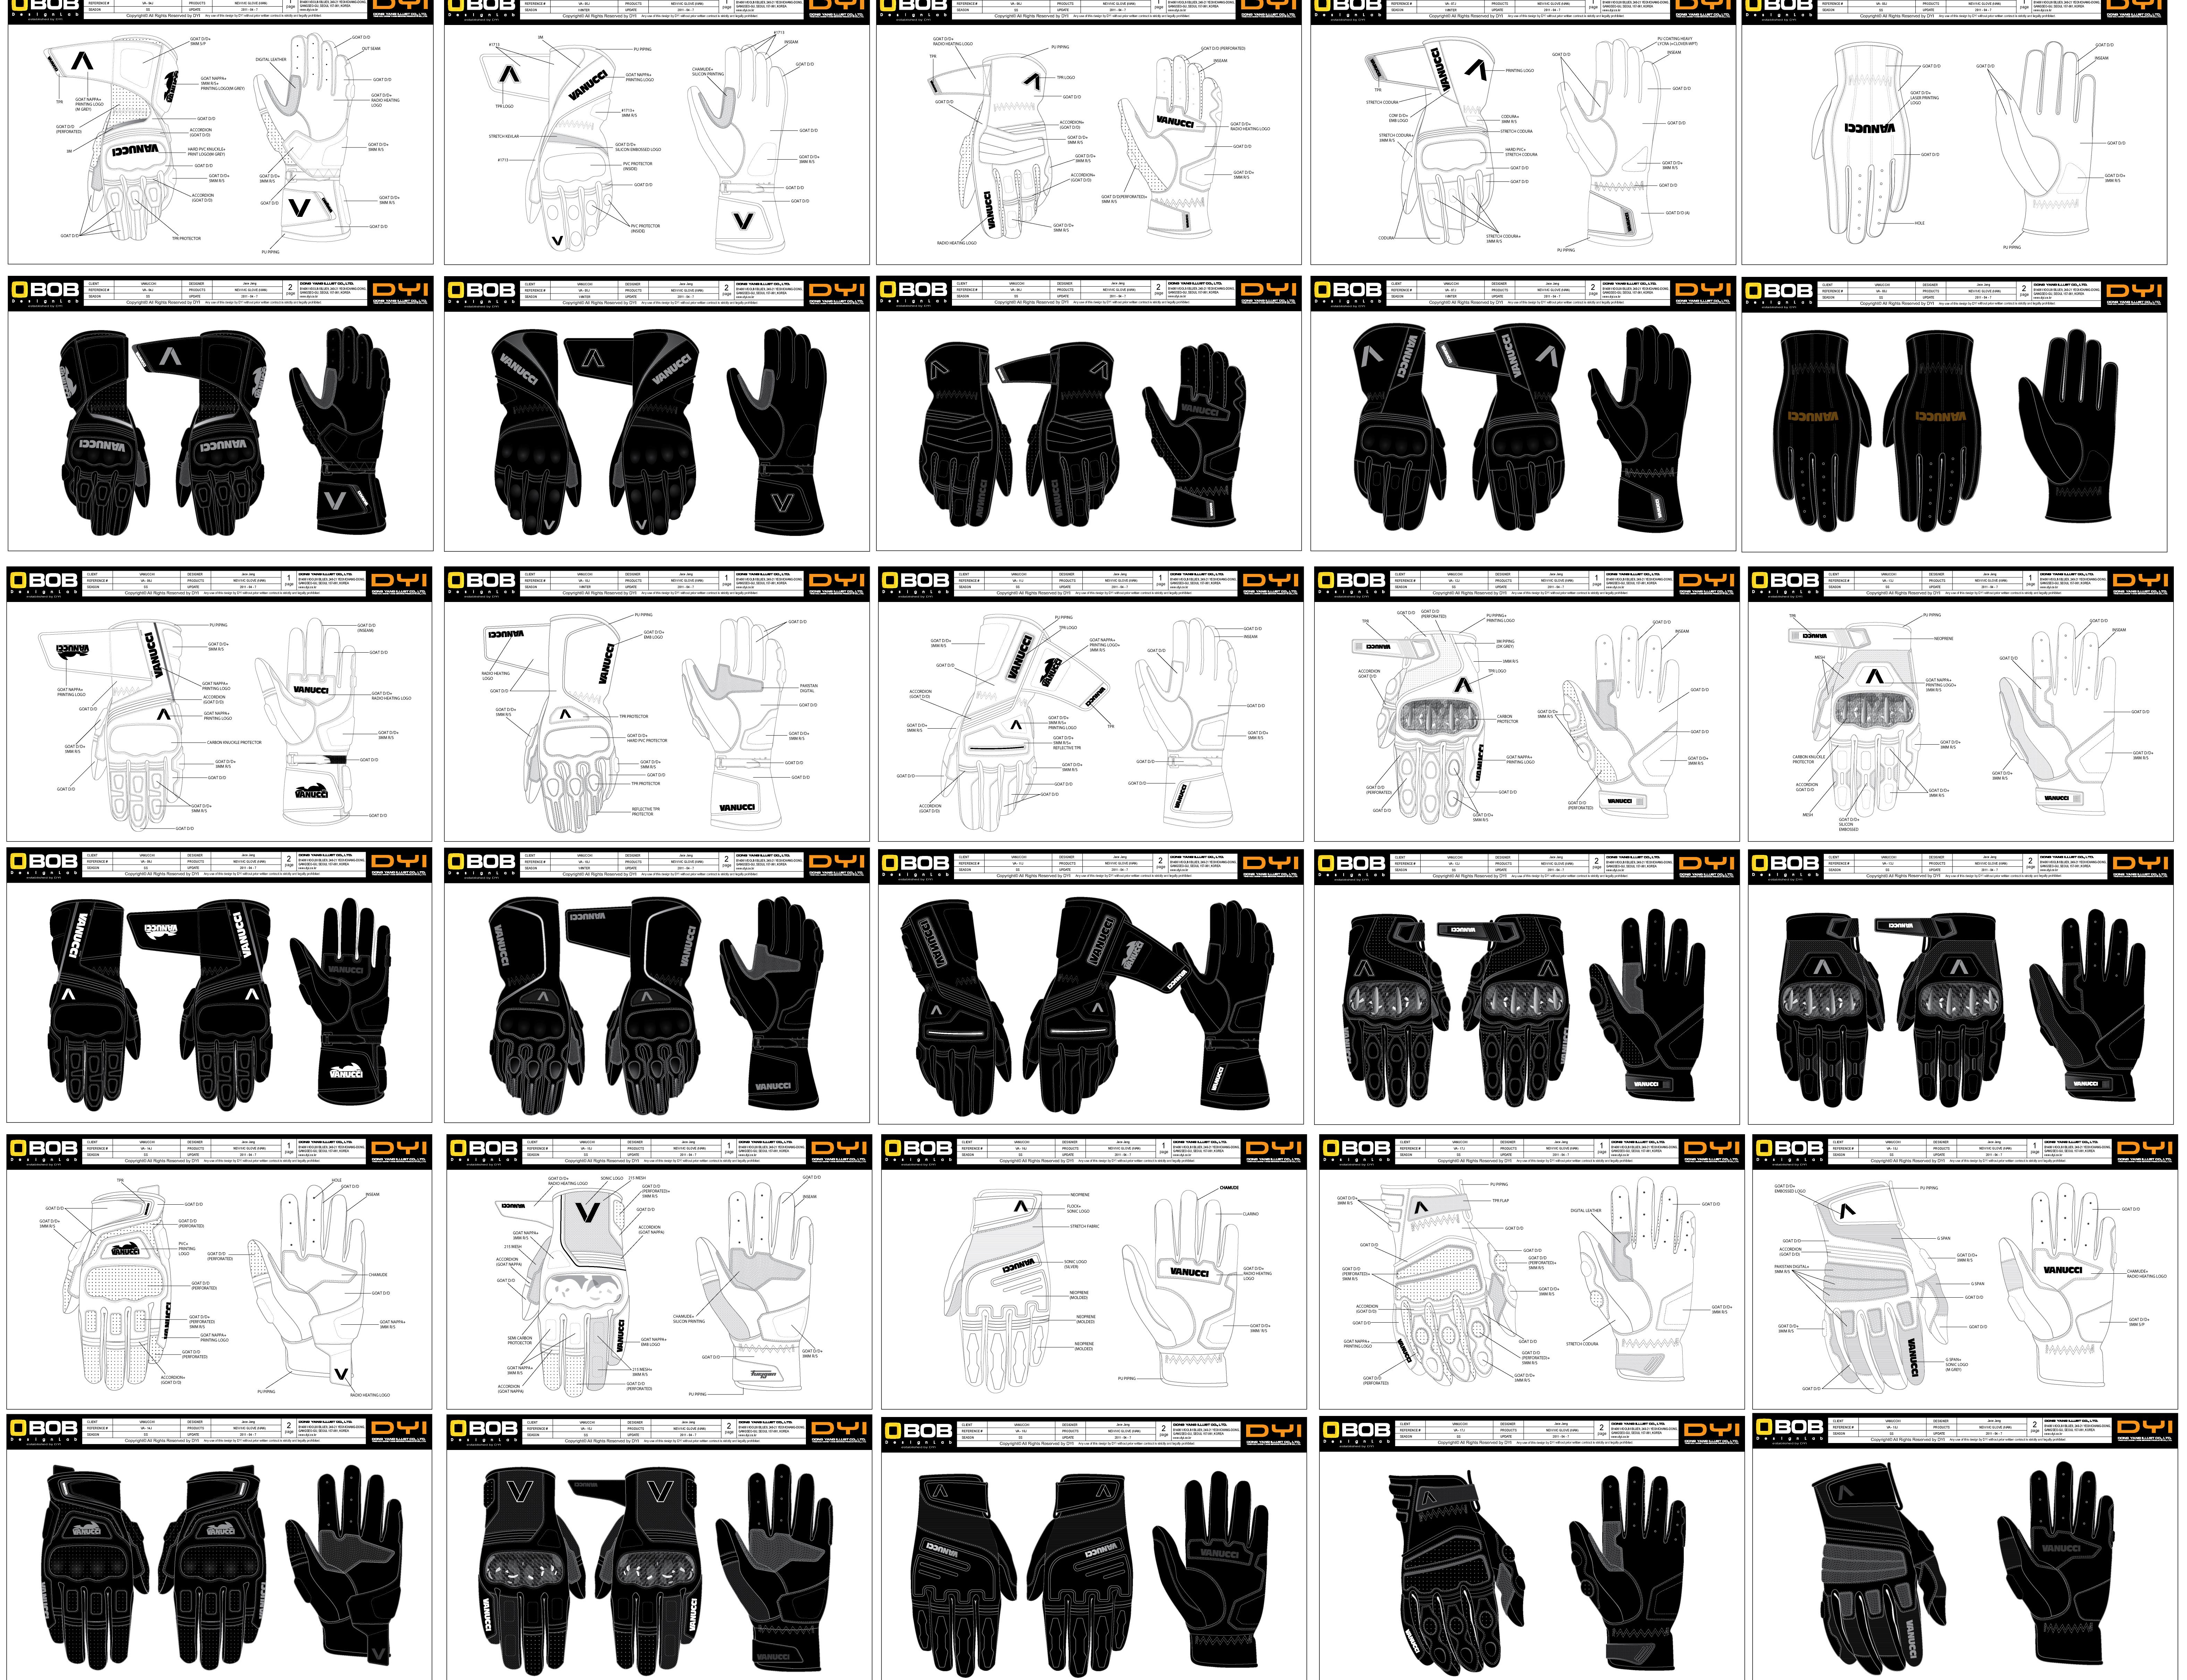 十五款摩托车手套设计图